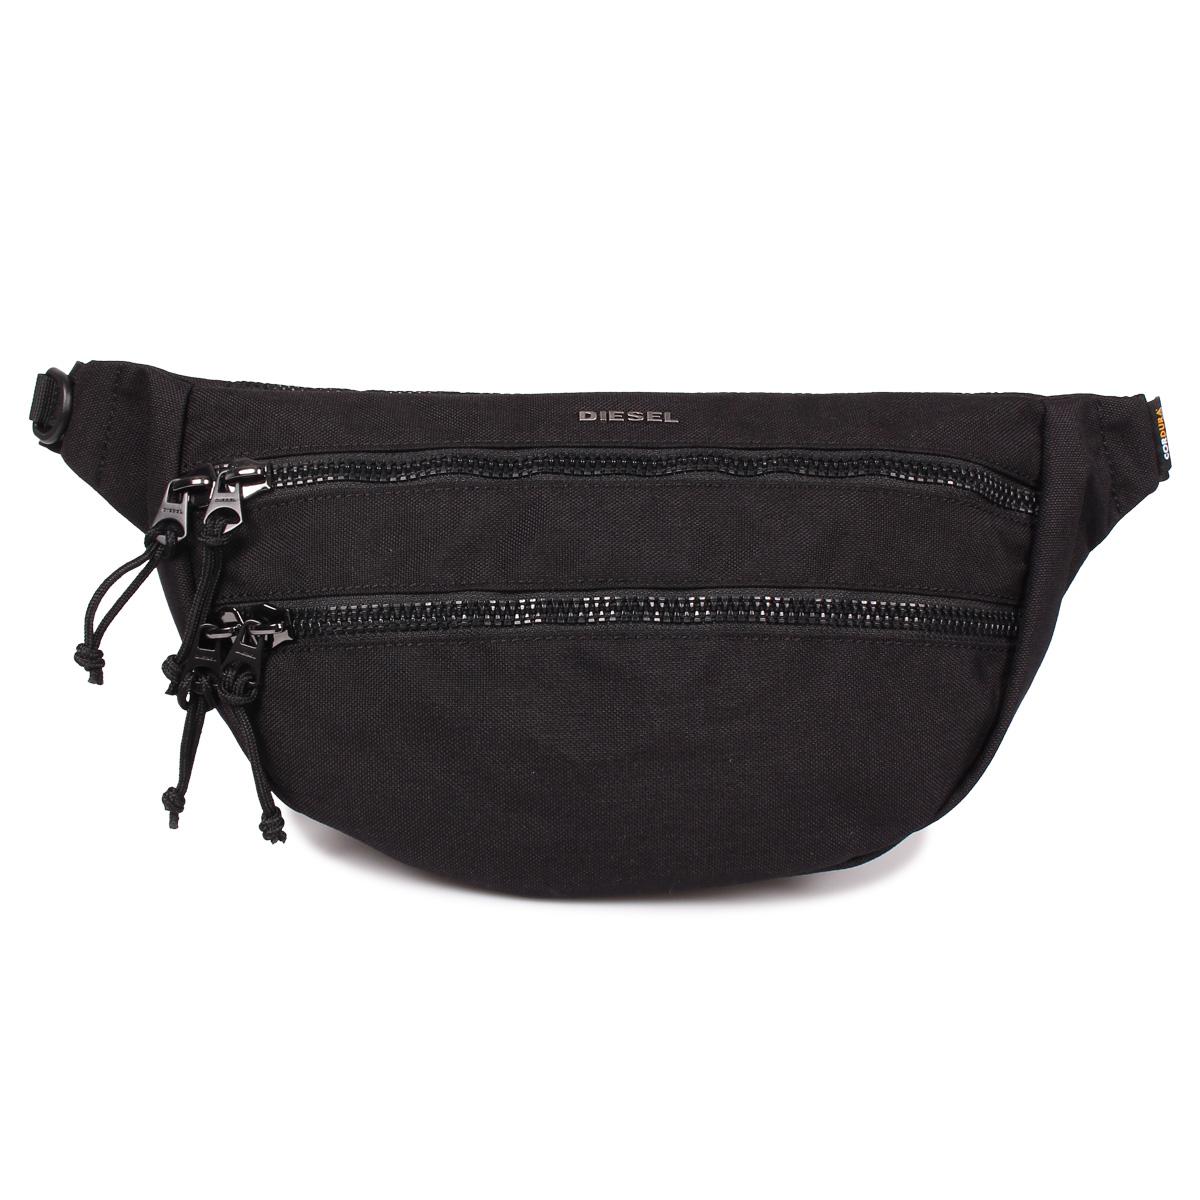 DIESEL F-URBHANITY BUMBAG ディーゼル バッグ ボディバッグ ウエストバッグ ショルダーバッグ メンズ ブラック 黒 X05120 P1516